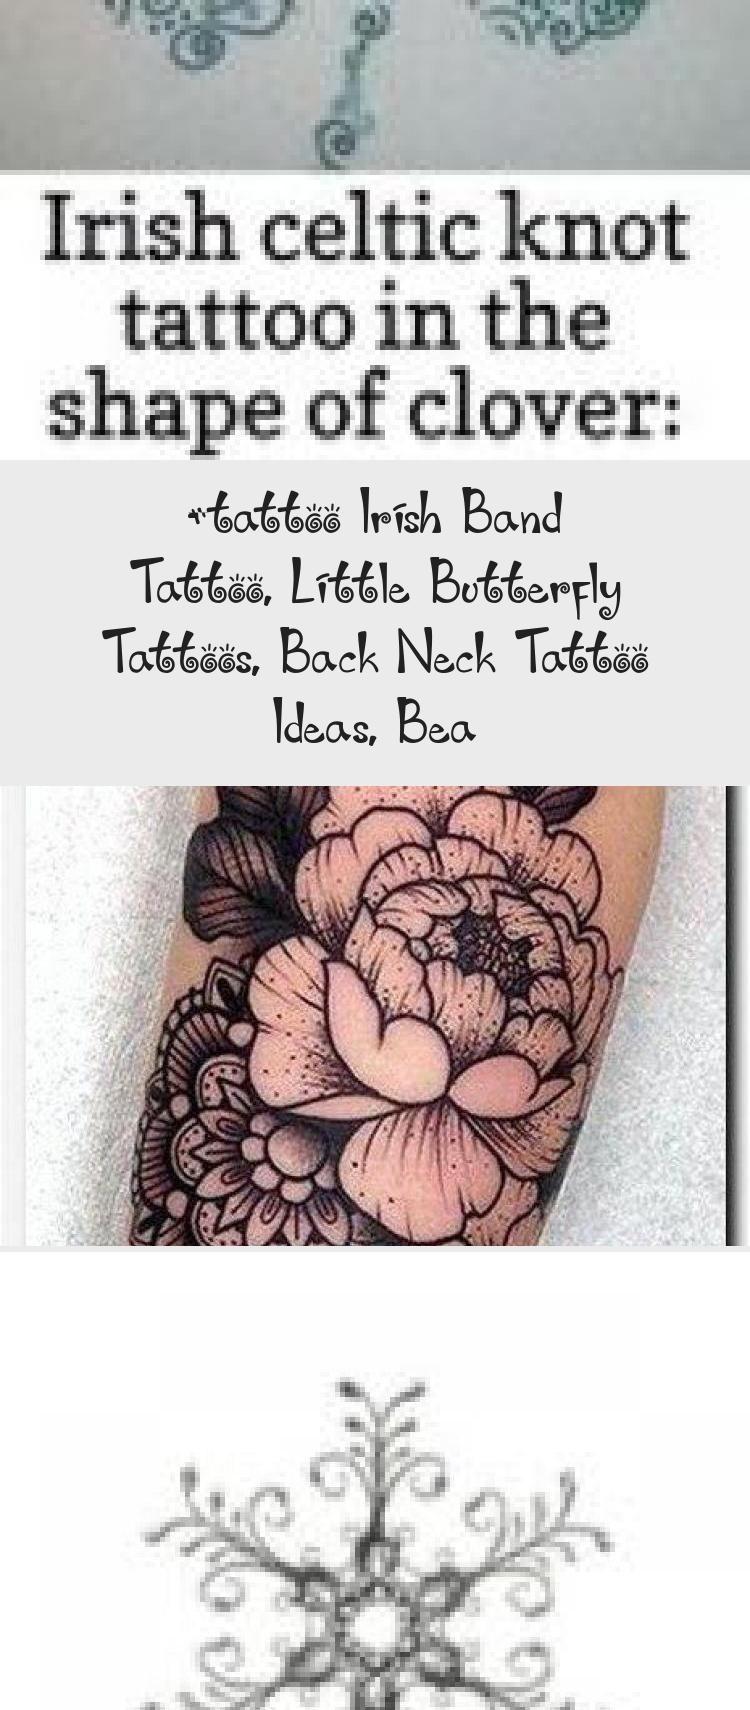 Photo of #tattoo Irish Band Tattoo, Little Butterfly Tattoos, Tätowierungsideen für den Nacken, Bea… – Tätowierungen und Körperkunst